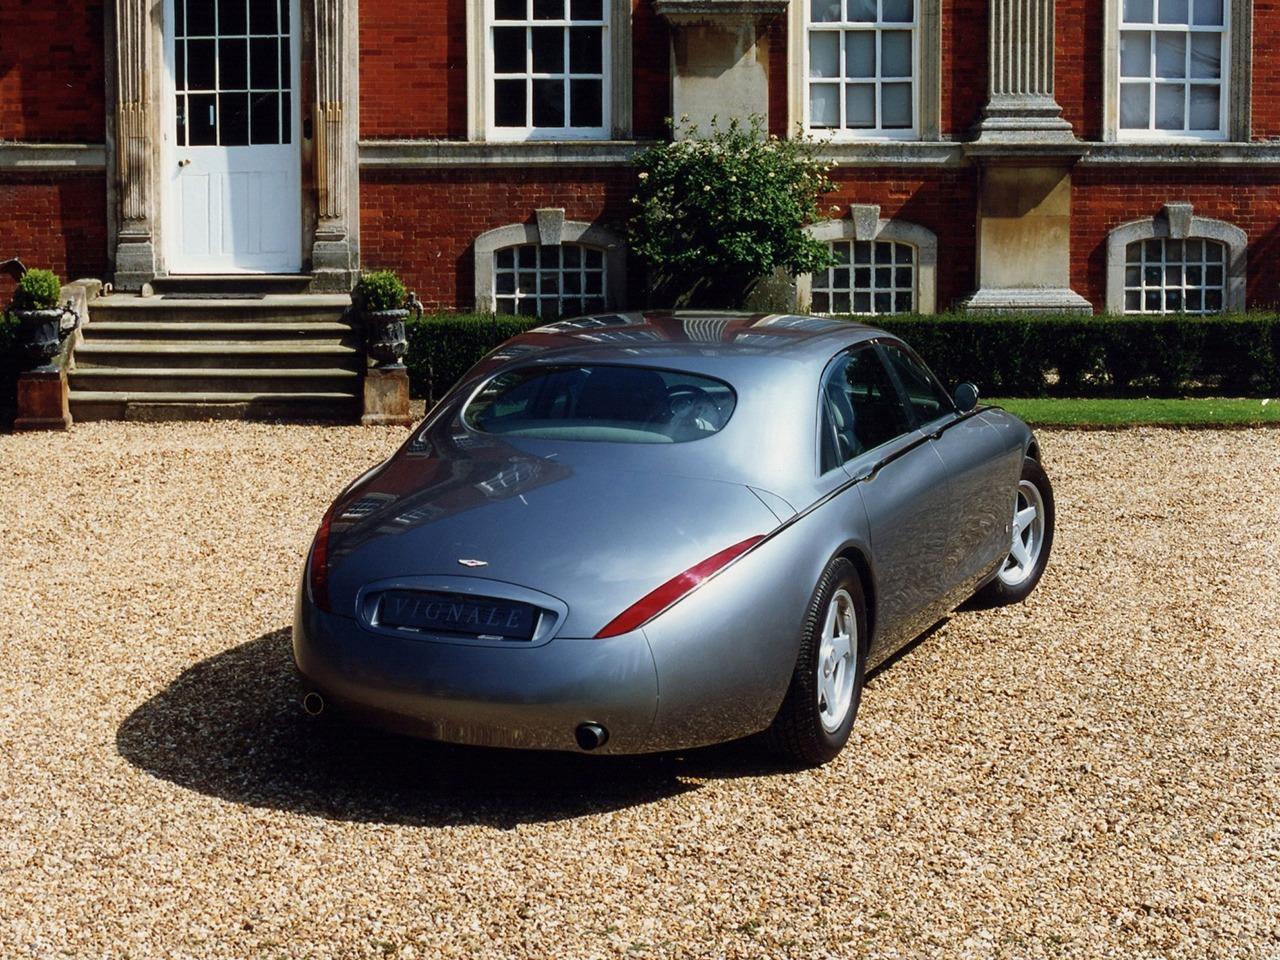 Auto Care Near Me >> Aston Martin Lagonda Vignale (1993) - Old Concept Cars